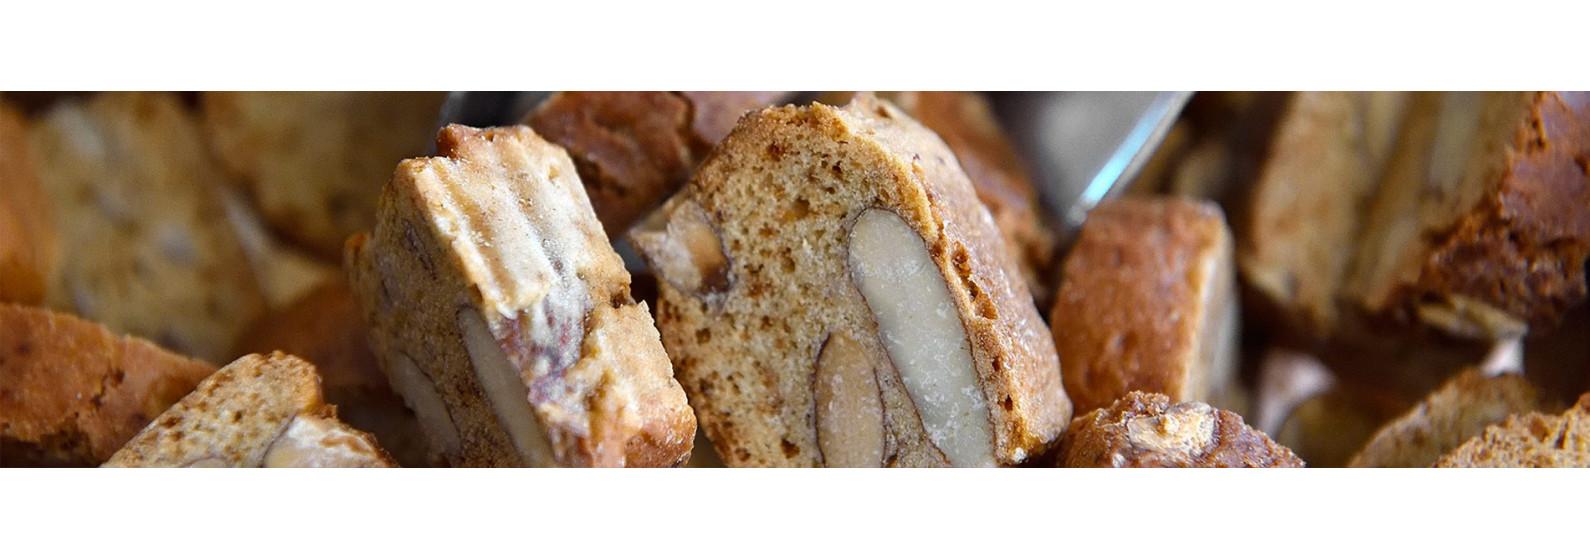 Biscuits de Provence | Confiserie du Roy René